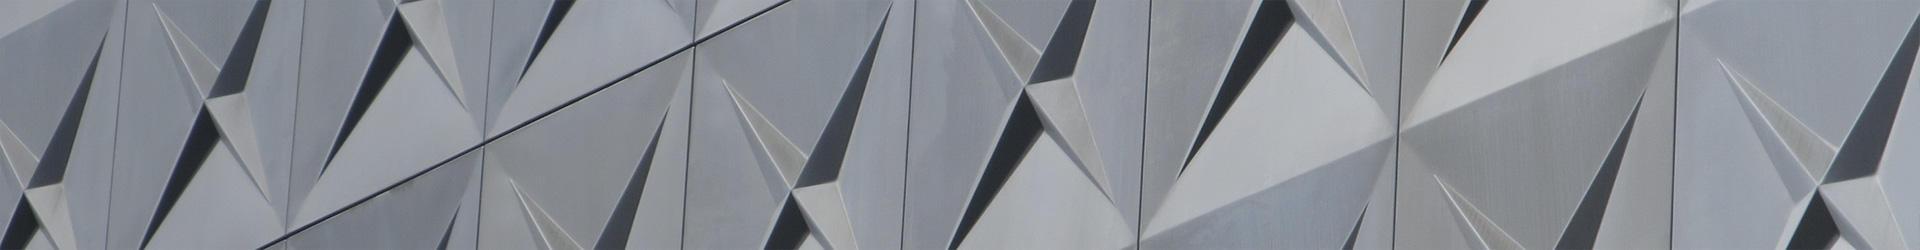 横幅:绿色科技建筑装饰总承包商